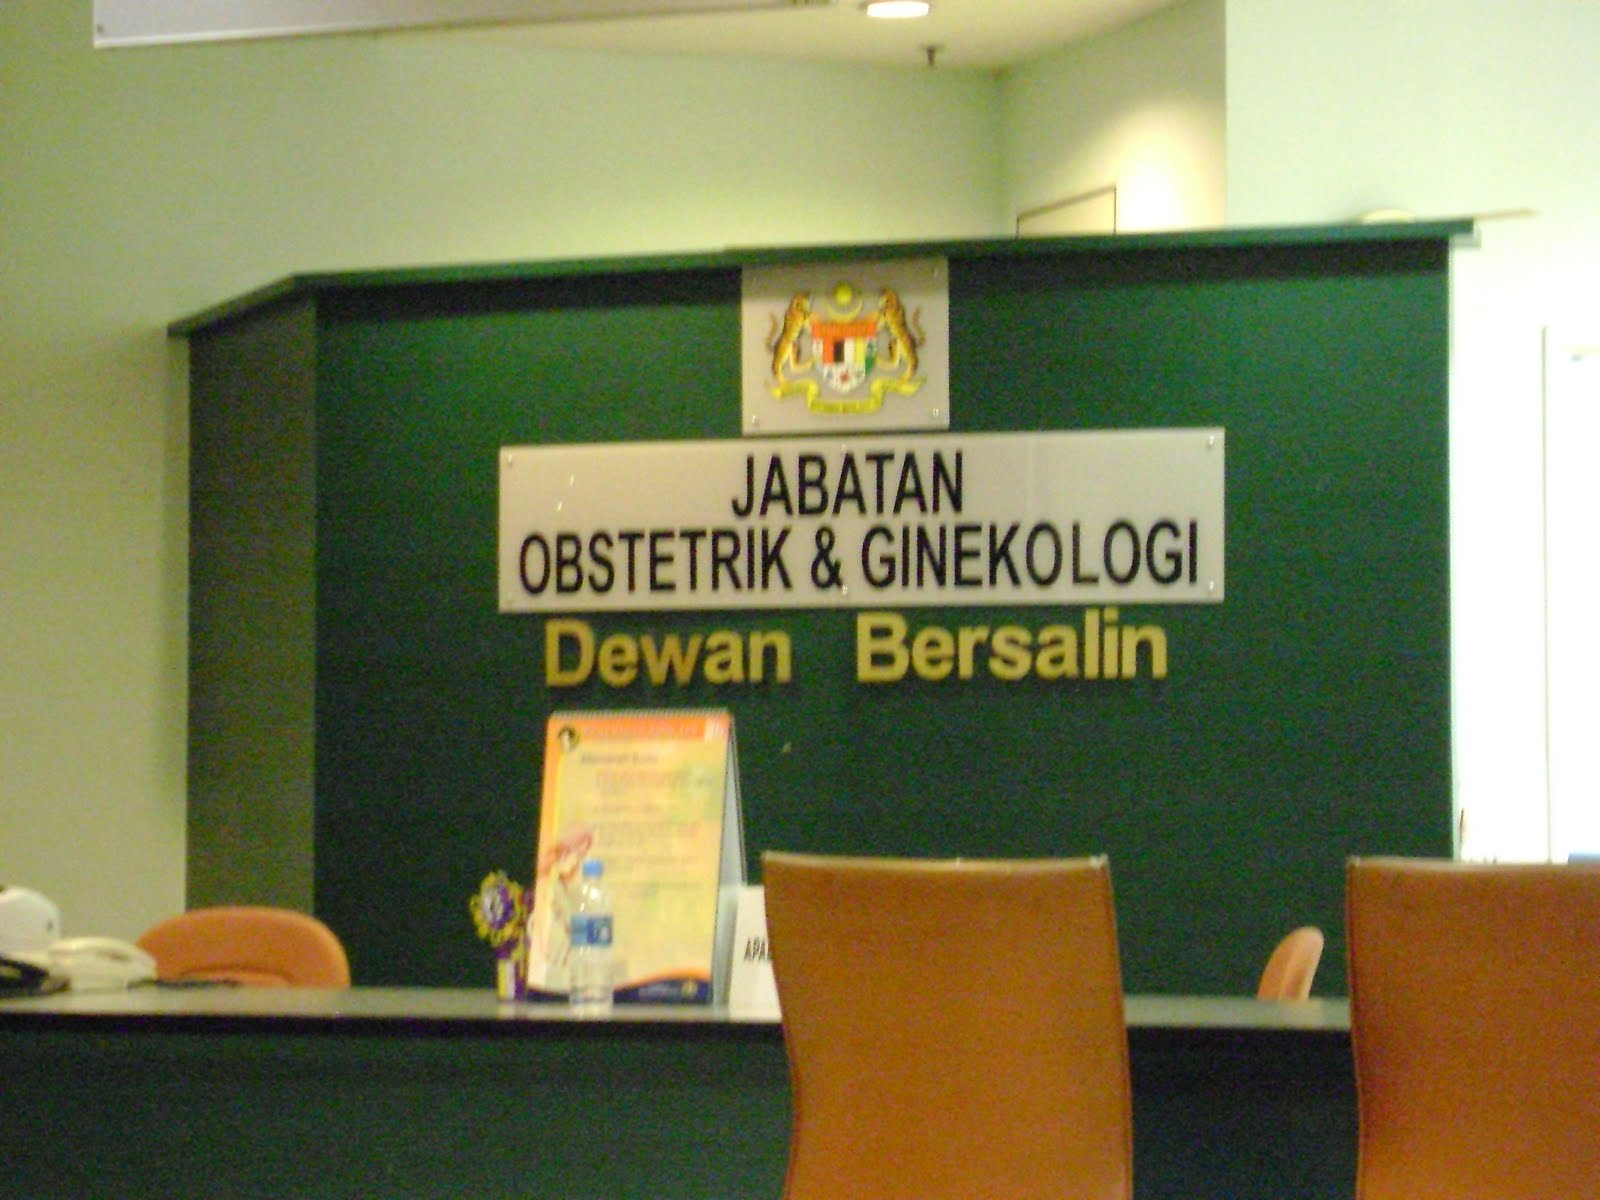 lobi dewan bersalin hospital serdang-